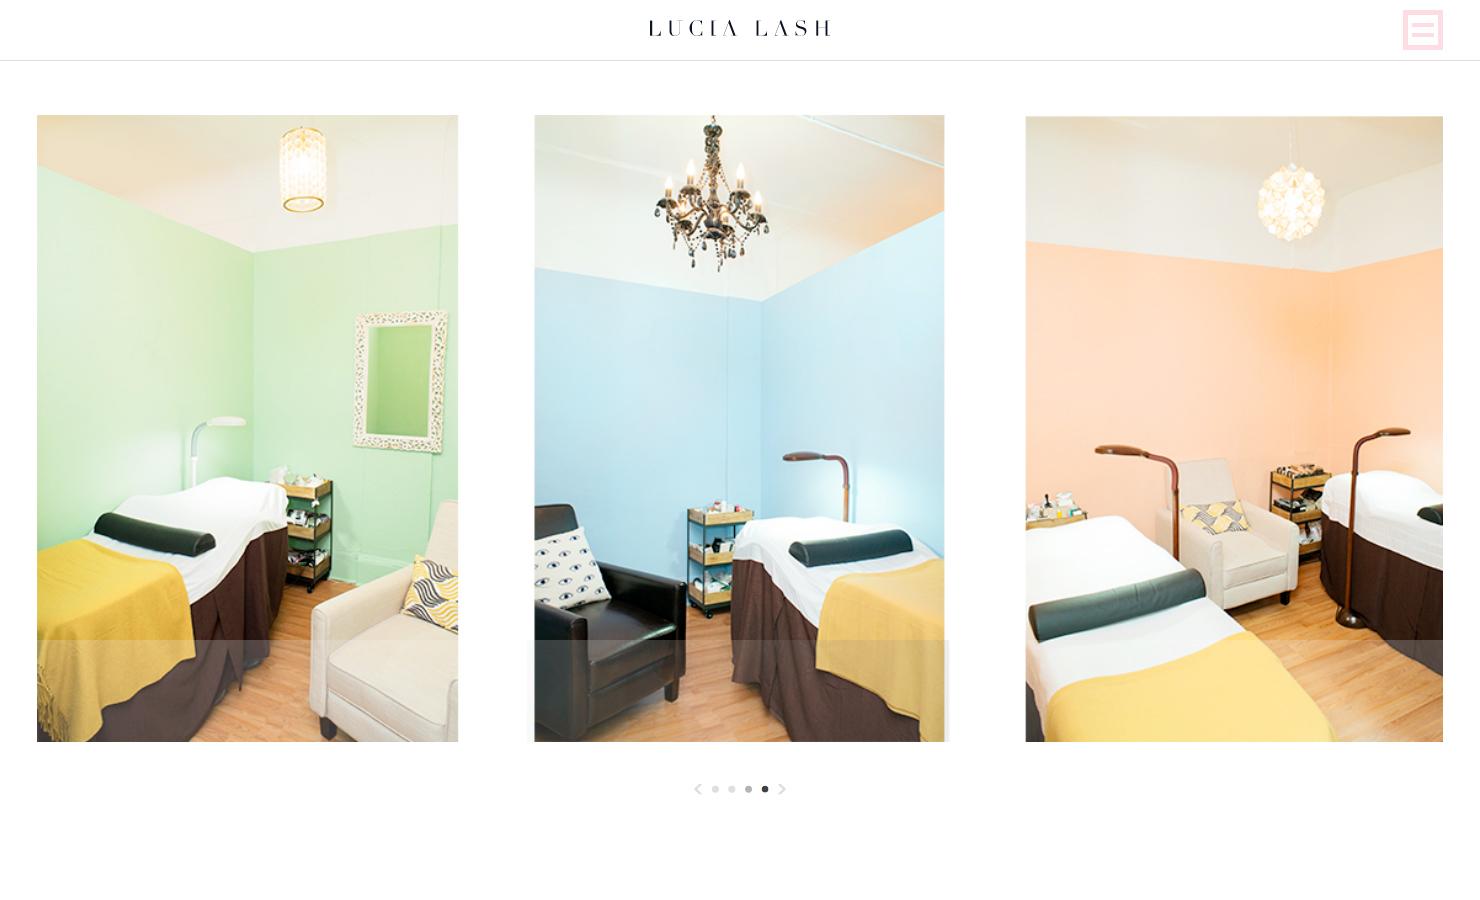 Lucia Lash